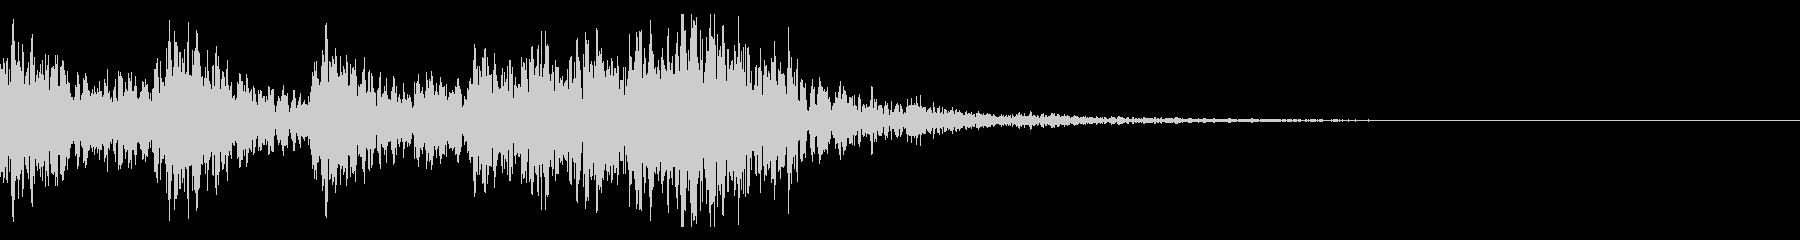 太鼓 和太鼓フレーズ ジングル ロゴ26の未再生の波形